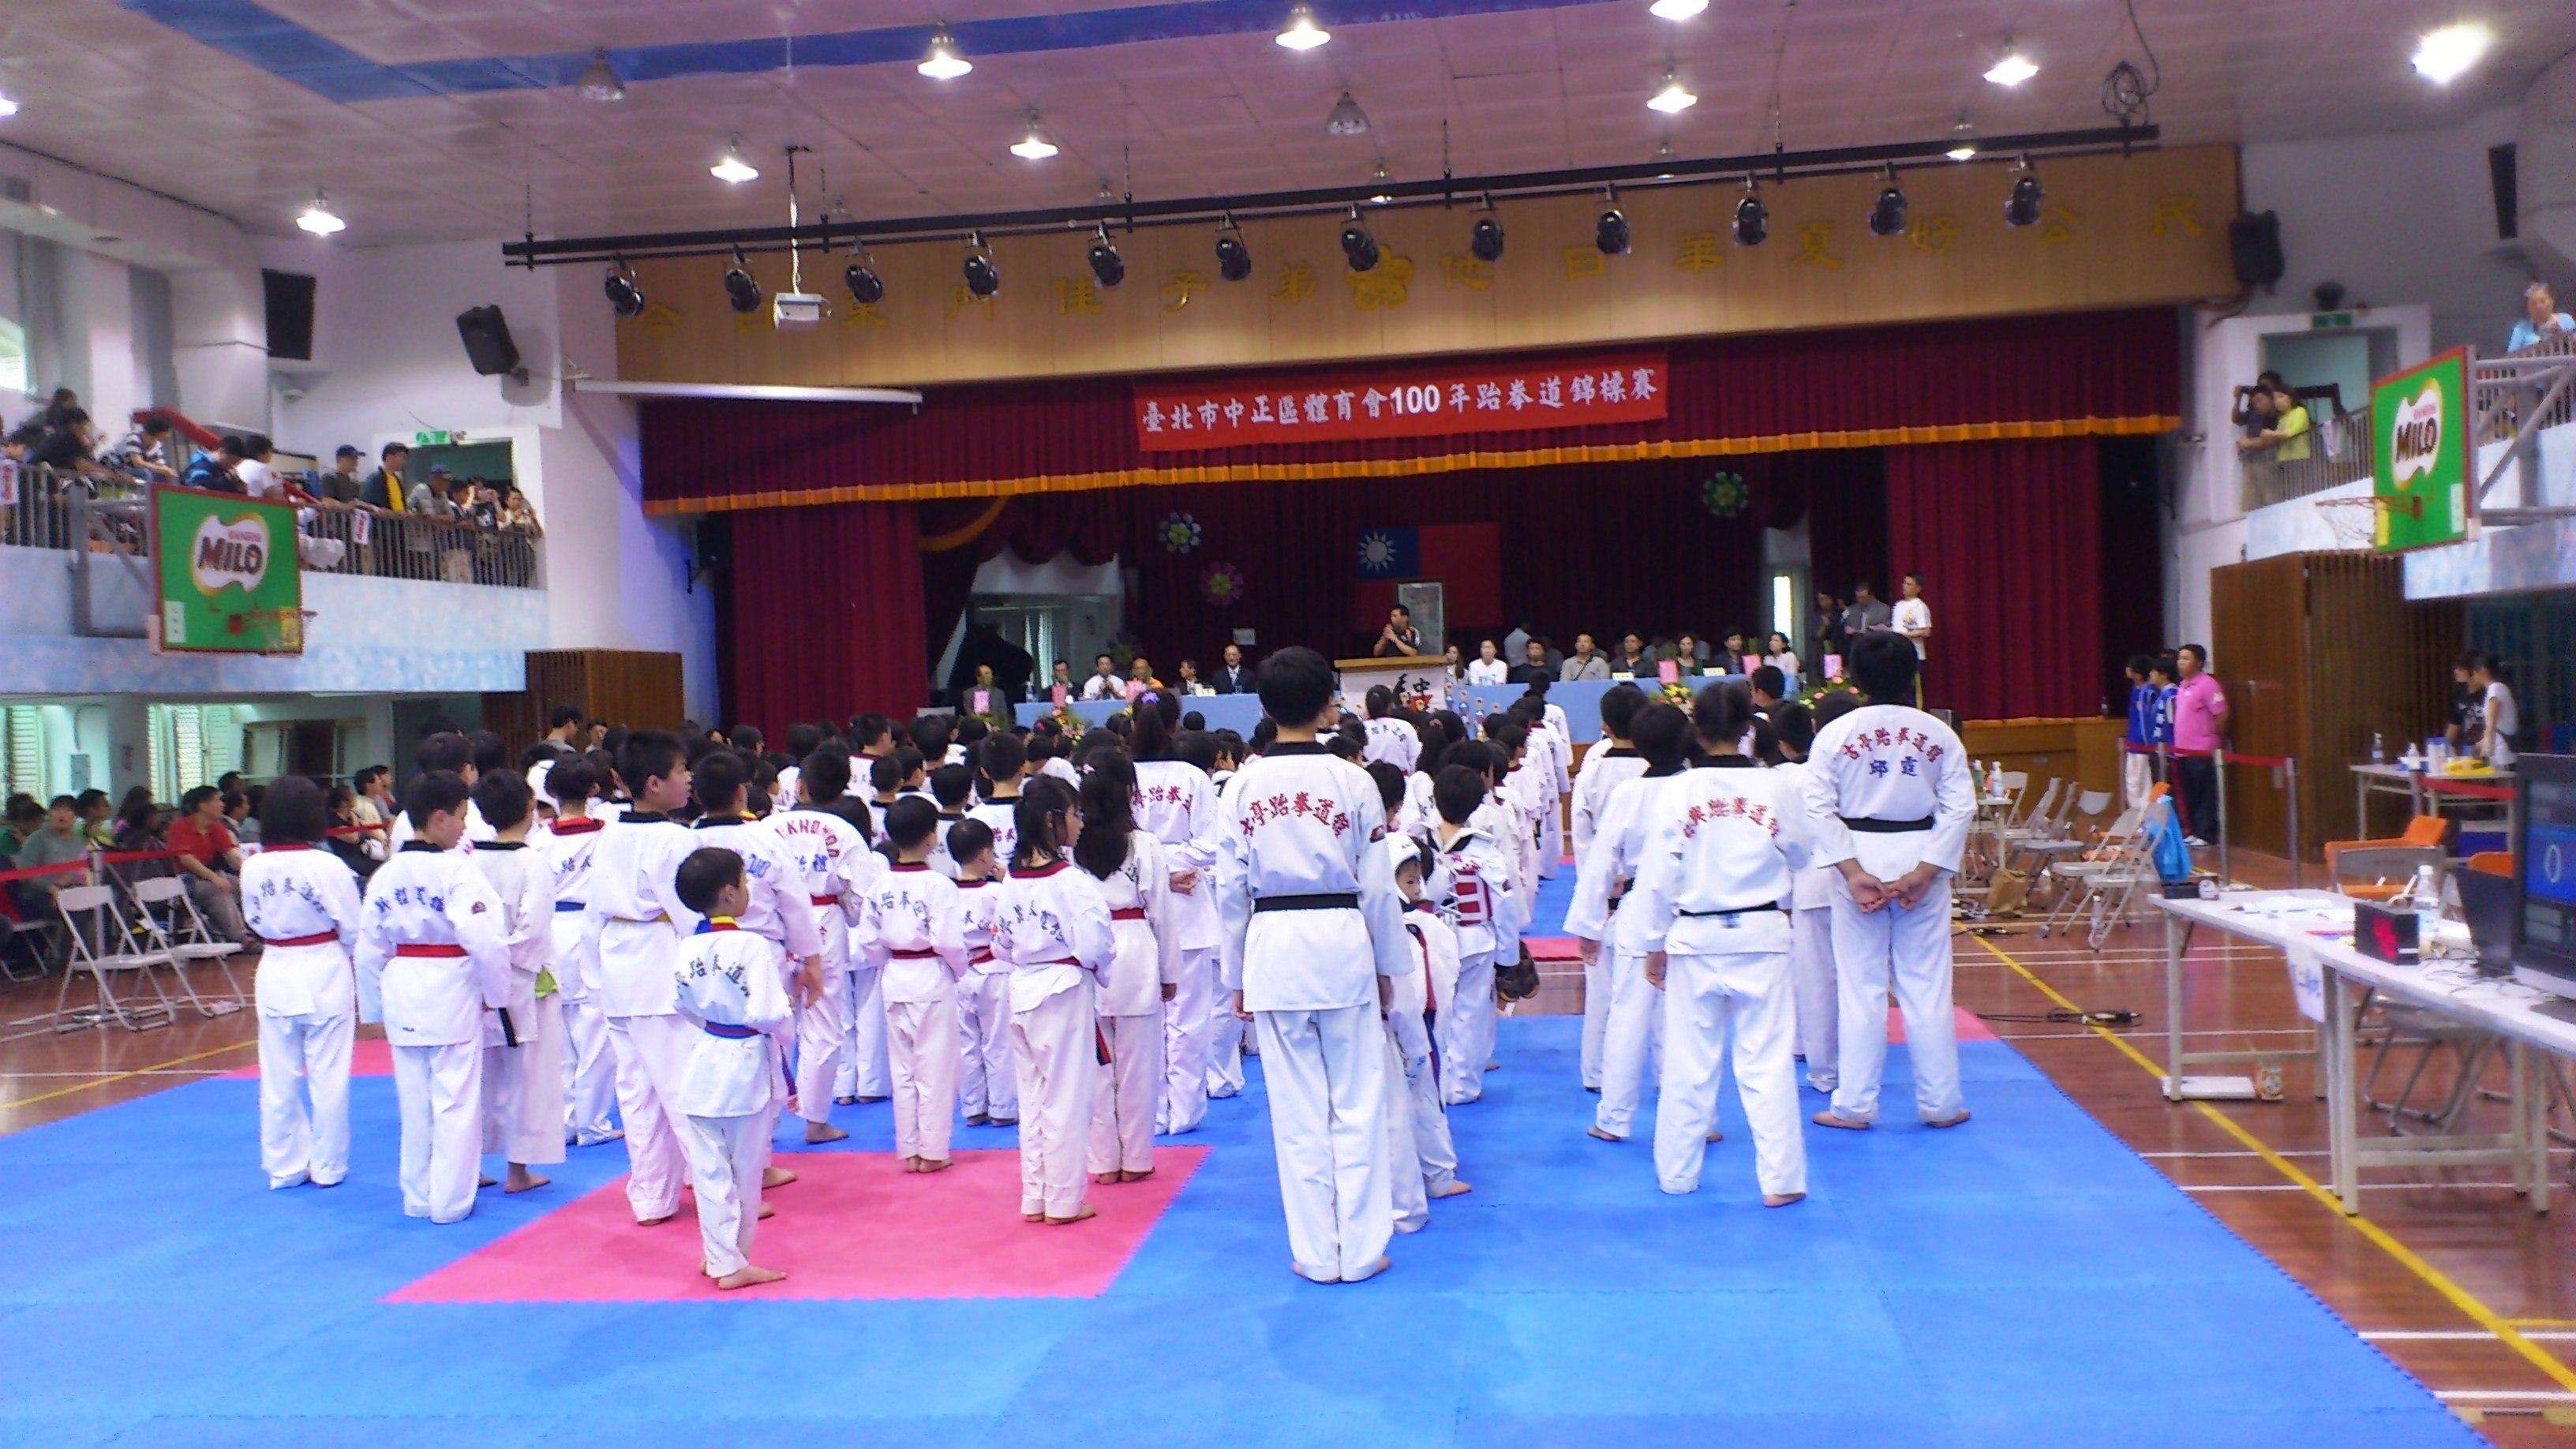 『台北市中正區體育會100年跆拳道錦標賽』